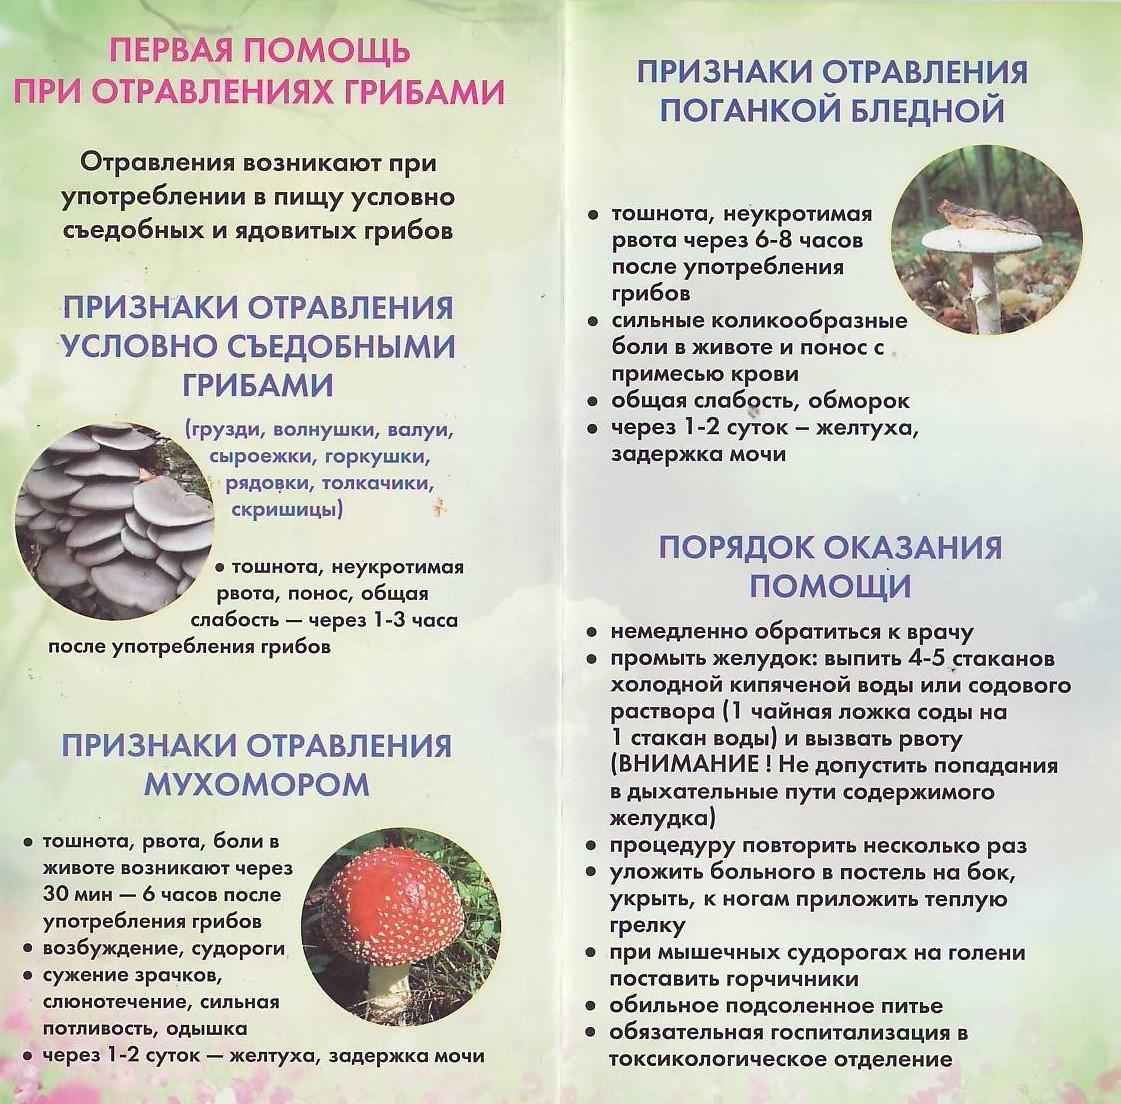 Реферат ядовитые растения первая помощь при отравлении Другие признаки испорченных продуктов изменение цвета вкуса и консистенции Отравление может наступит даже после употребления нормального на внешний вид